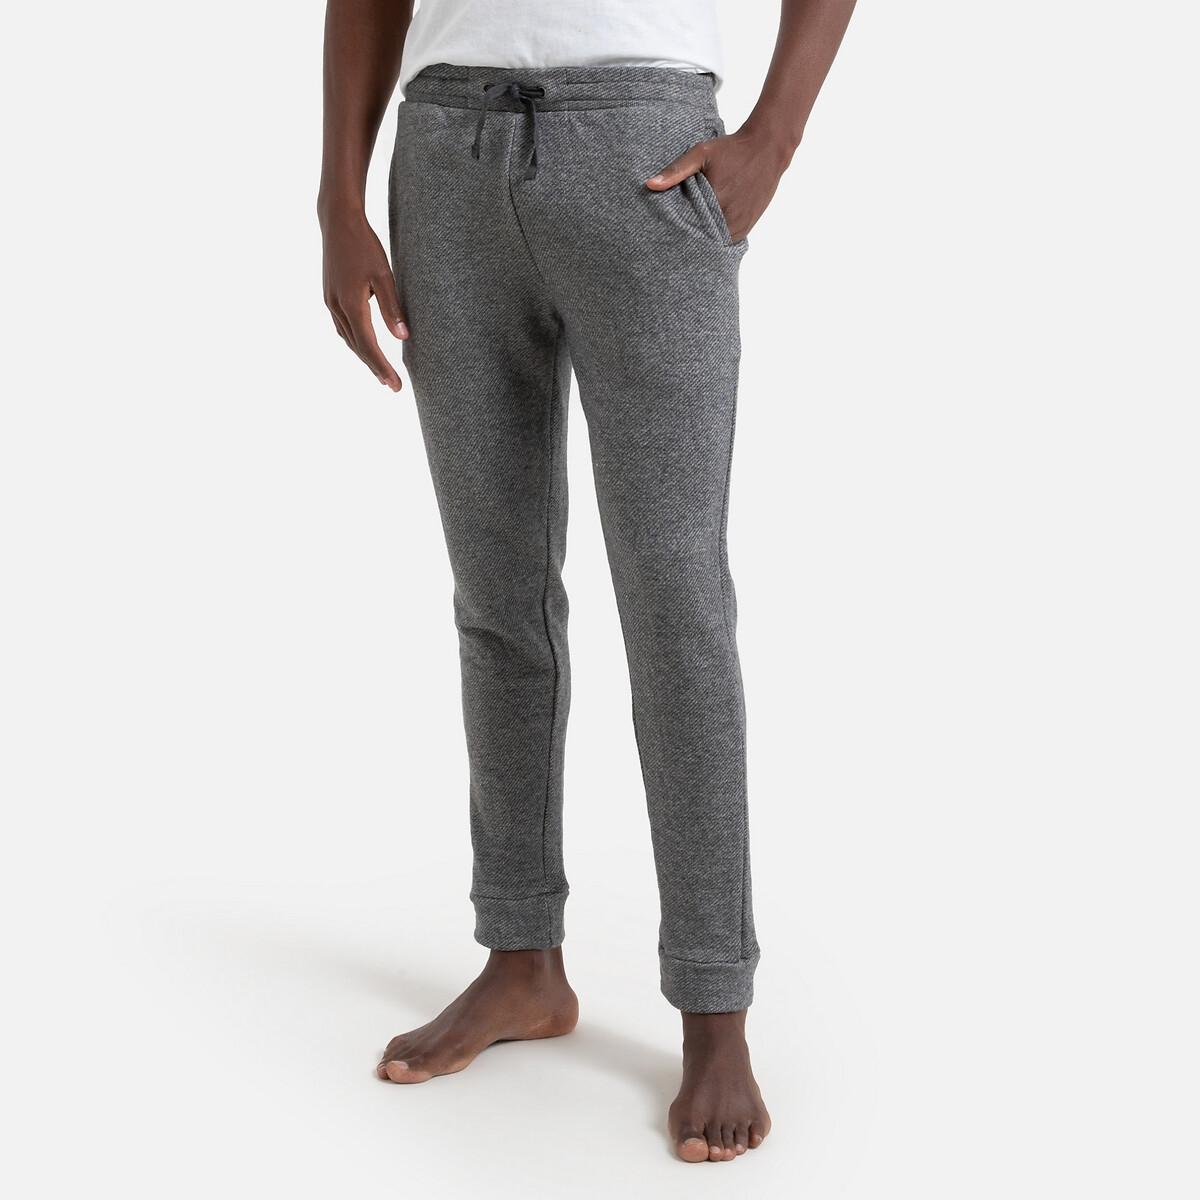 Брюки La Redoute От пижамы из мольтона XL серый шорты пижамные из мольтона